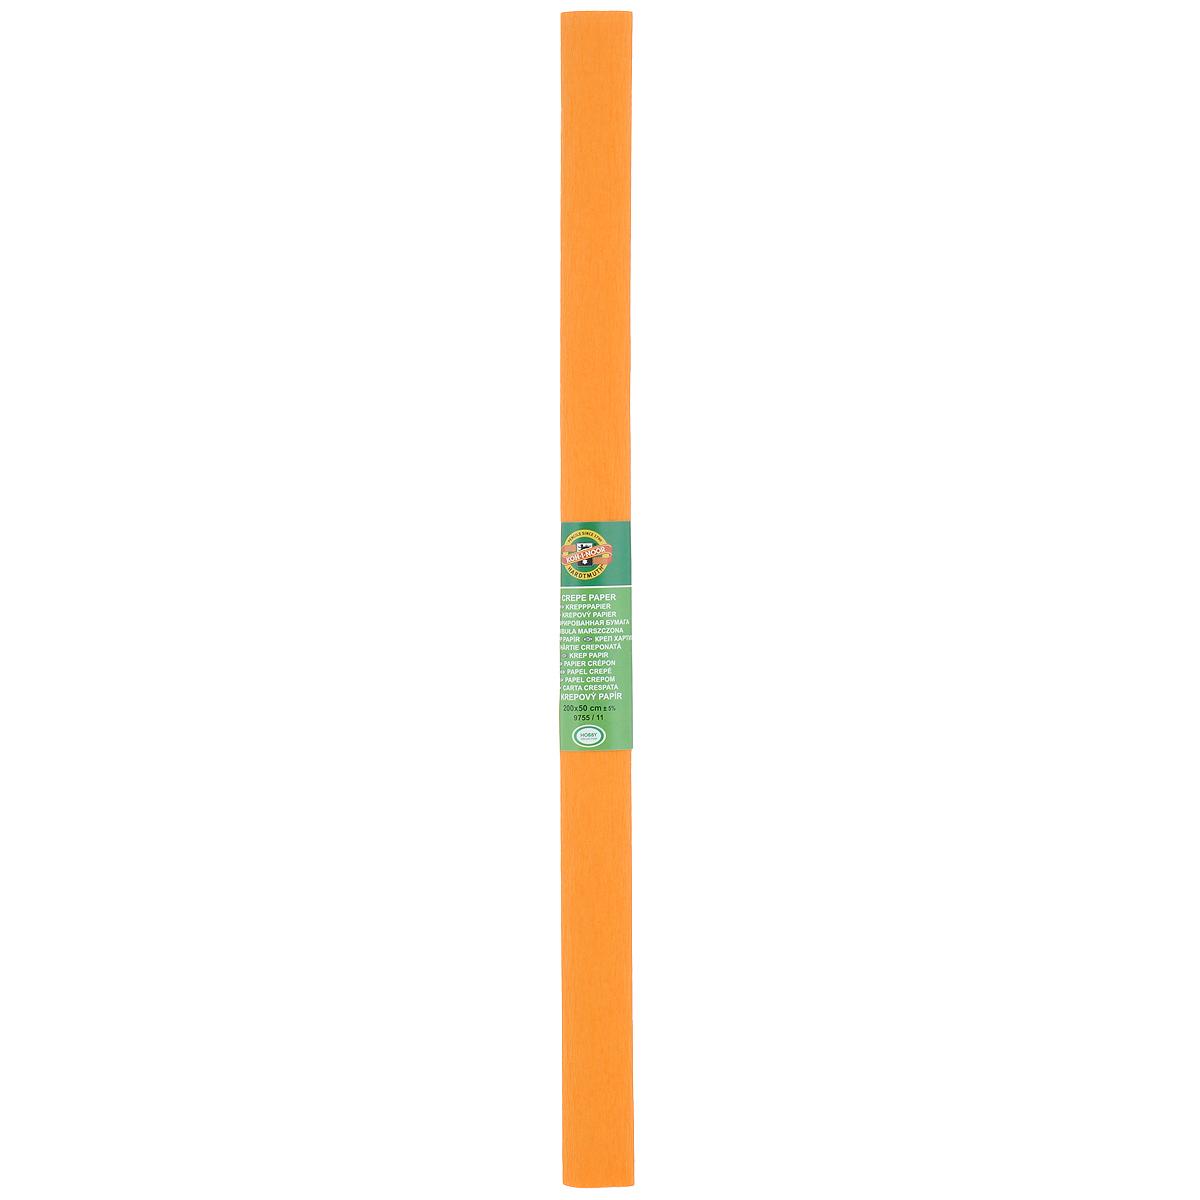 Бумага гофрированная Koh-I-Noor, цвет: светло-оранжевый, 50 см x 2 м7701649_09 изумрудГофрированная бумага Koh-I-Noor - прекрасный материал для декорирования, изготовления эффектной упаковки и различных поделок. Бумага прекрасно держит форму, не пачкает руки, отлично крепится и замечательно подходит для изготовления праздничной упаковки для цветов.